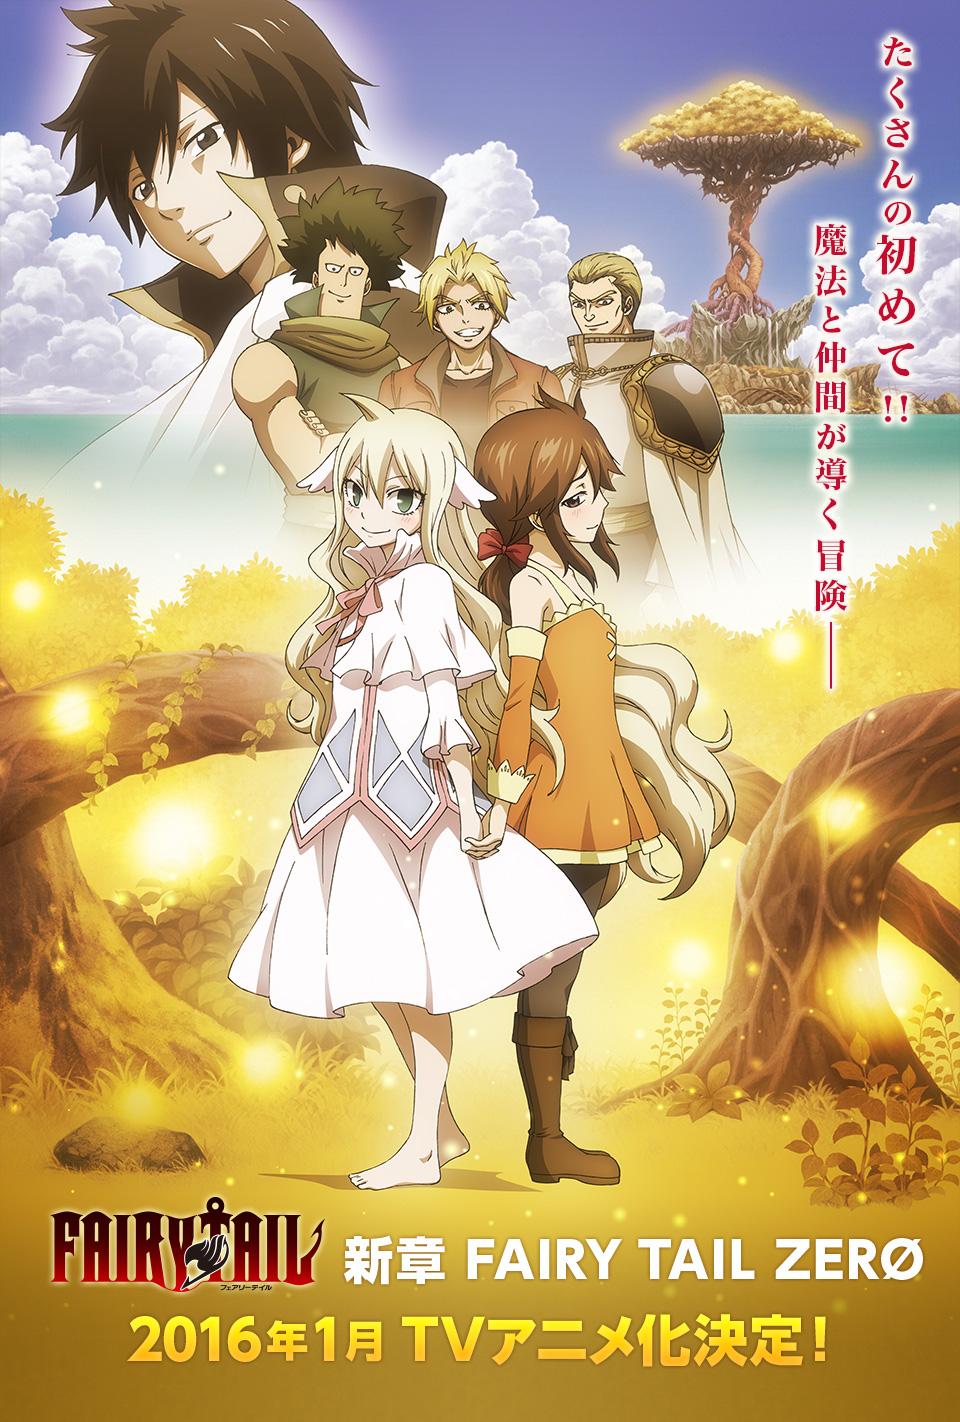 Fairy Tail Zero TV Anime visual